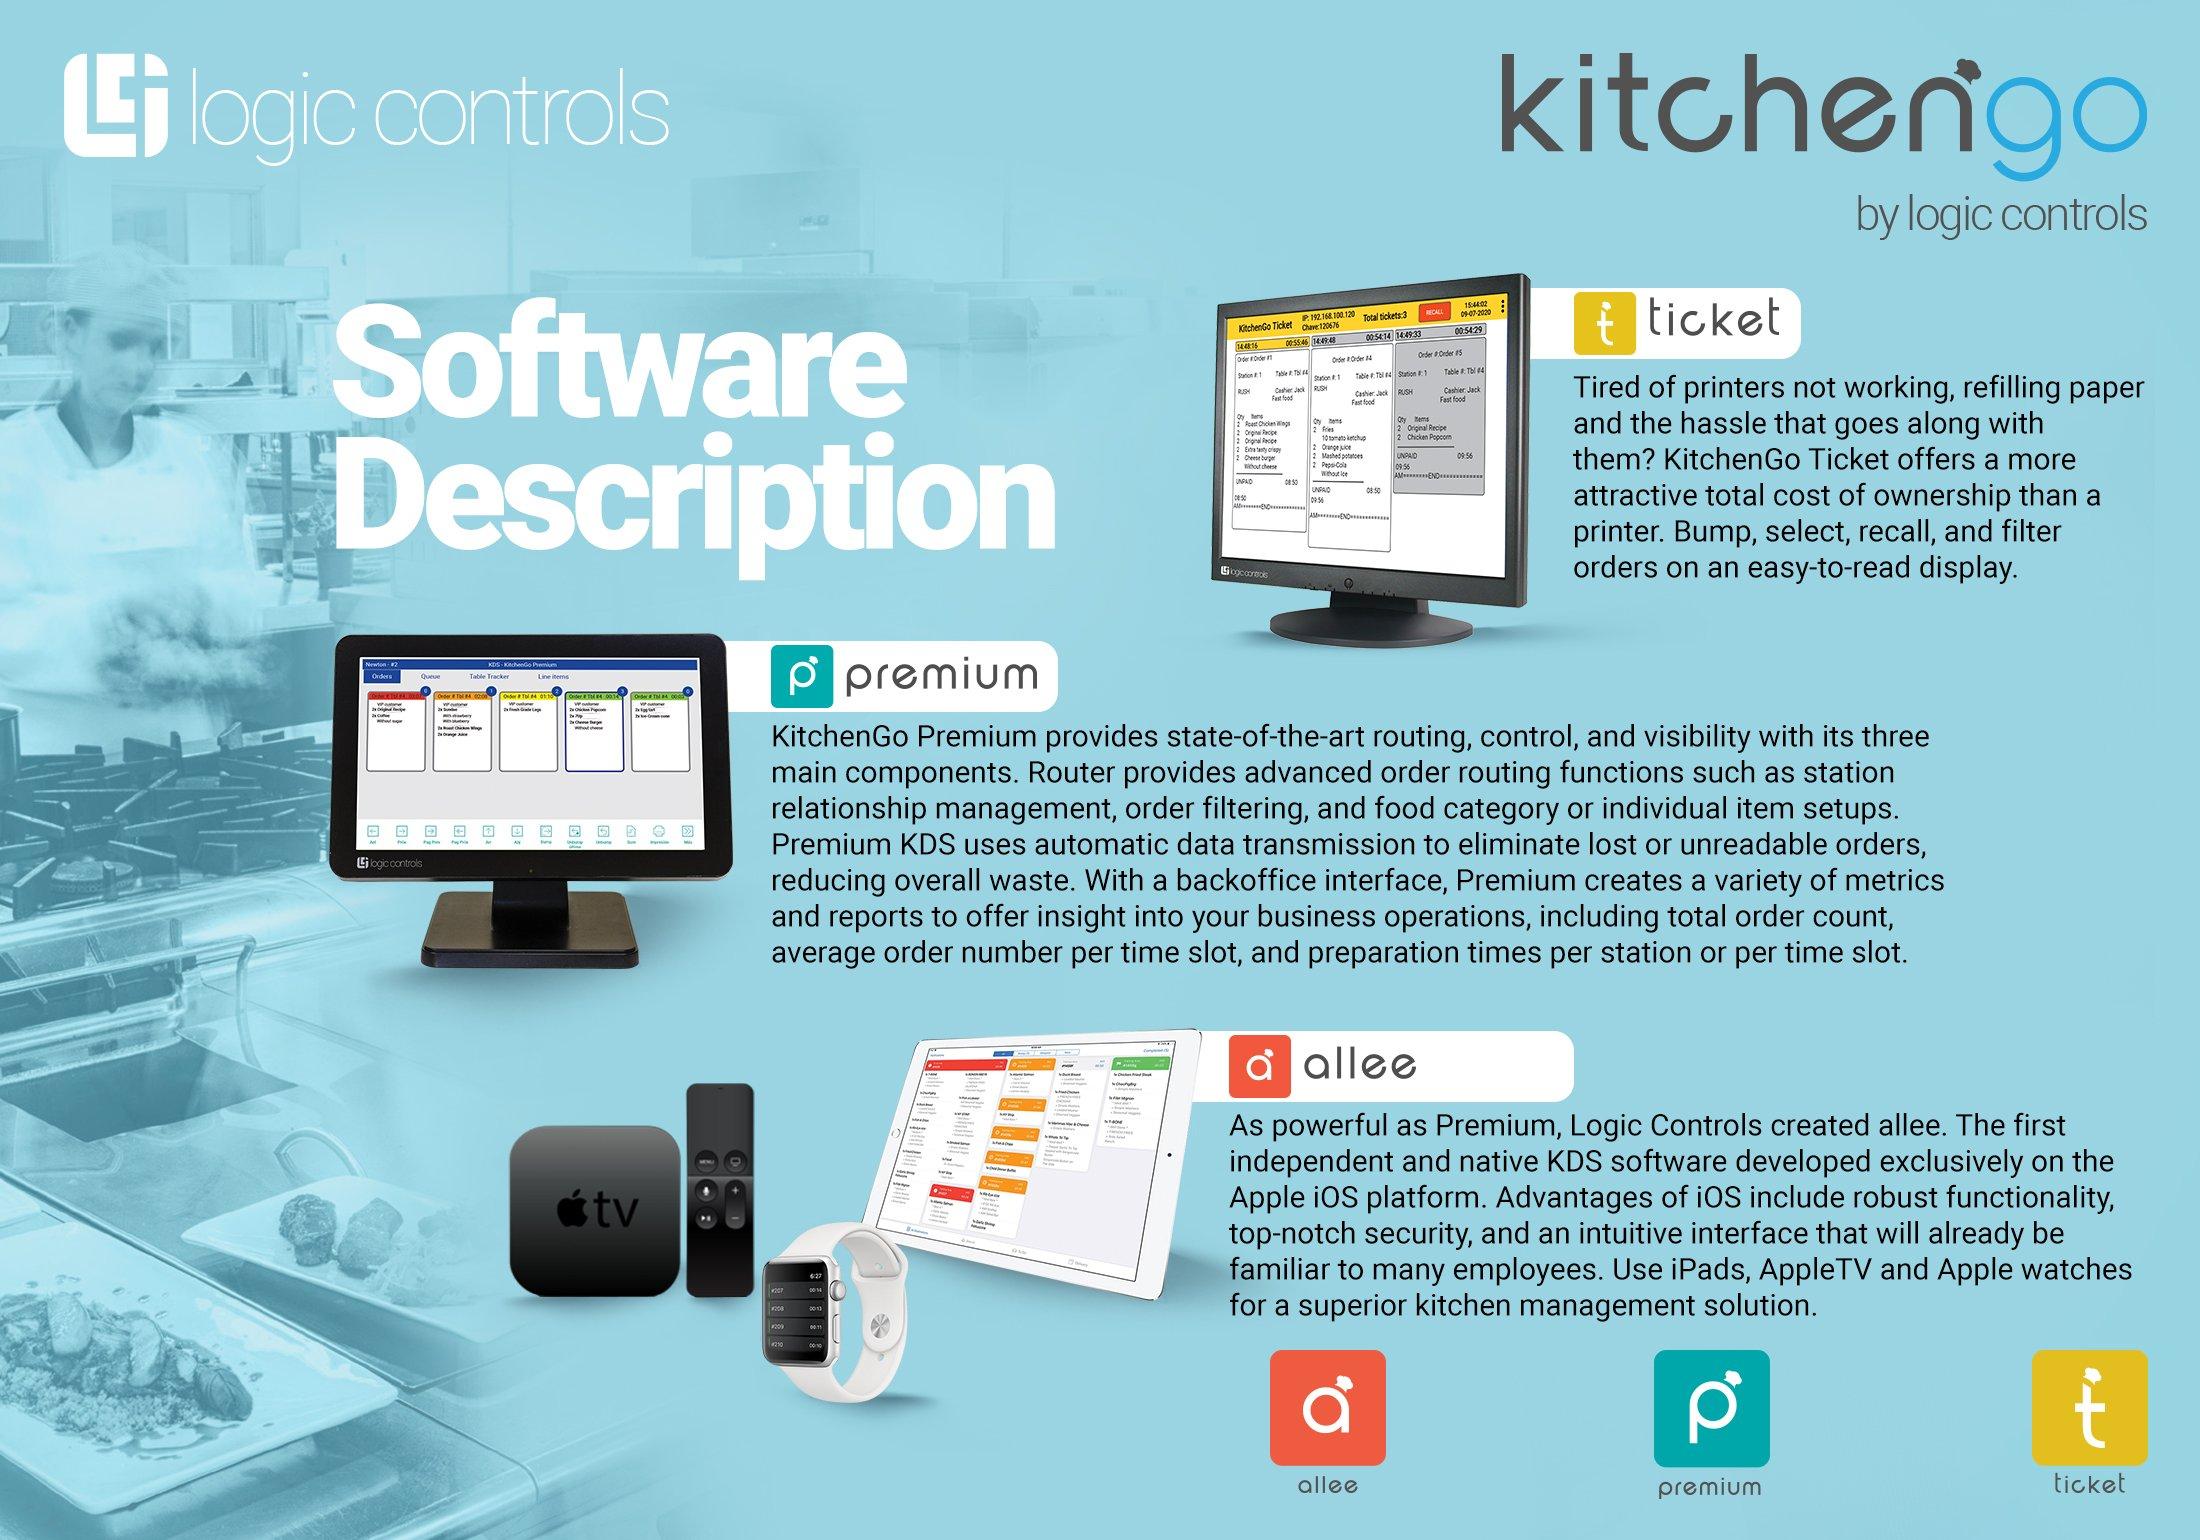 kitchengo KDS kitchen display system software allee premium ticket